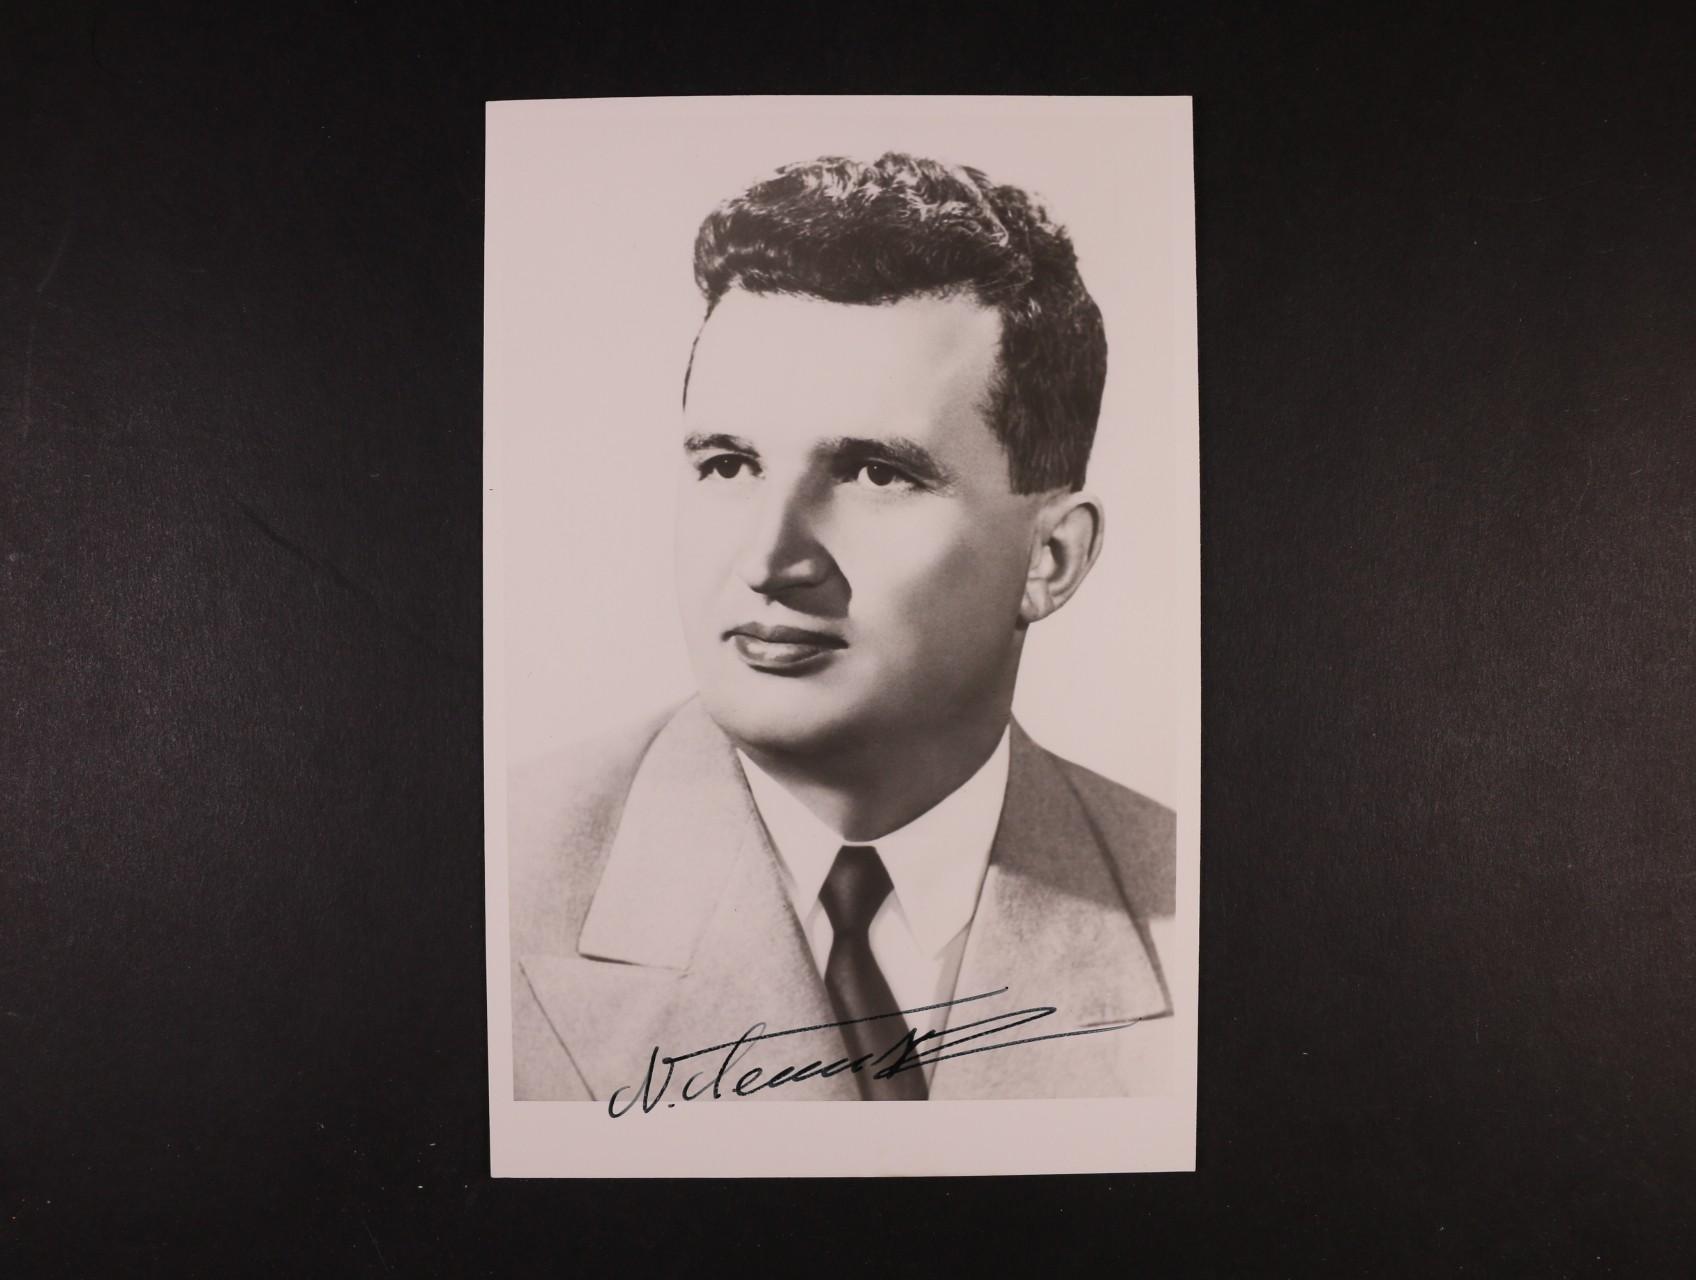 Ceaucesku Nikolai 1918 - 1989, rumunský komunistický diktátor, v r. 1989 popraven spolu se svoji manželkou - jednobar. fotografie s vlastnoručním podpisem